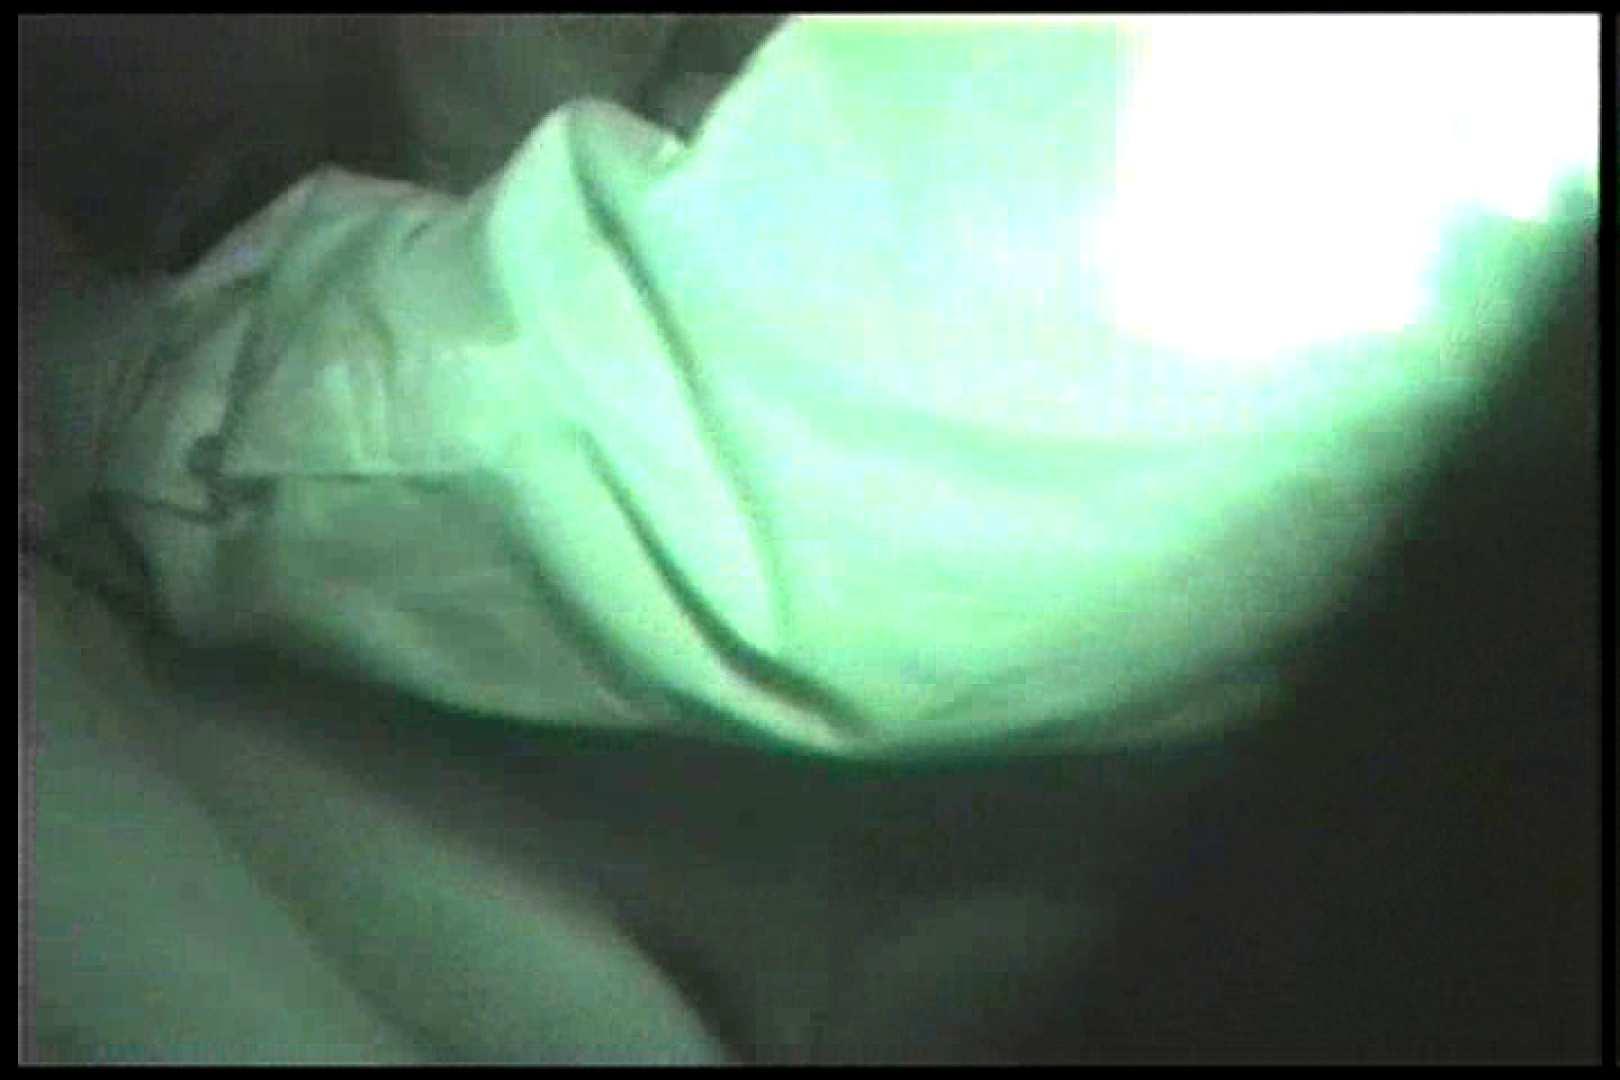 カーセックス未編集・無修正版 Vol.6前編 車 オマンコ無修正動画無料 69画像 43